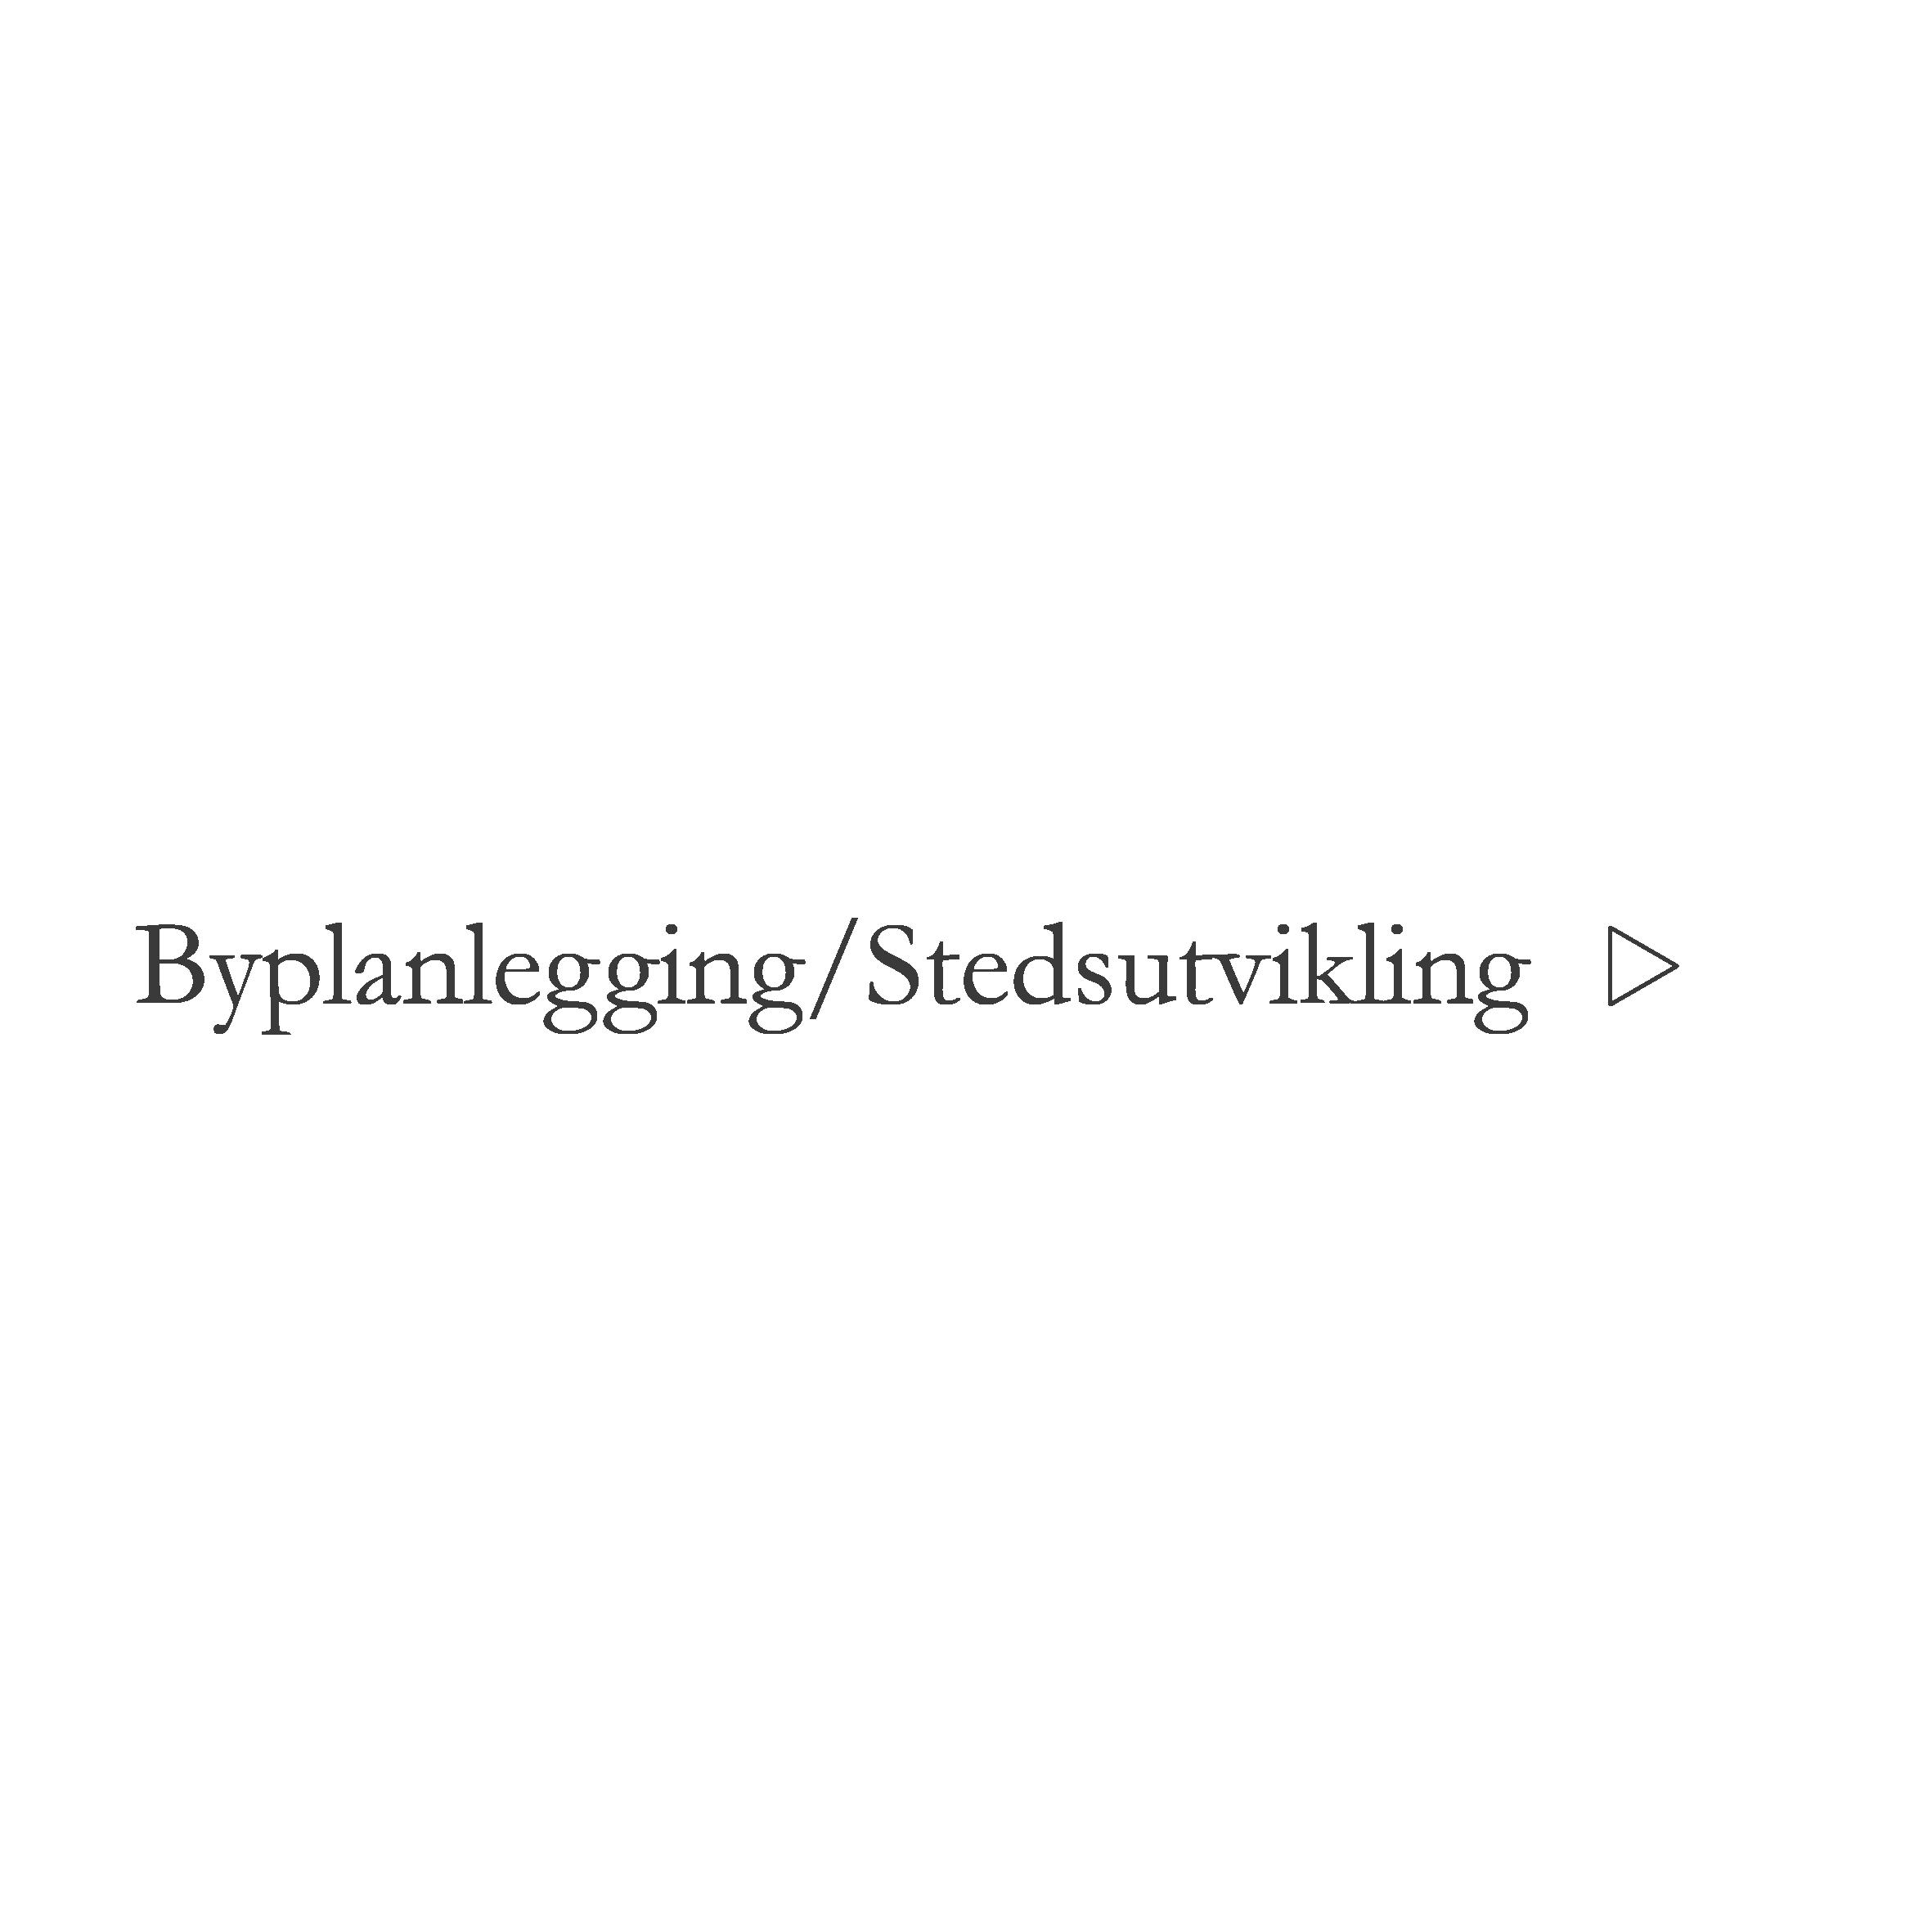 Byplanlegging Stedsutvikling-02.png